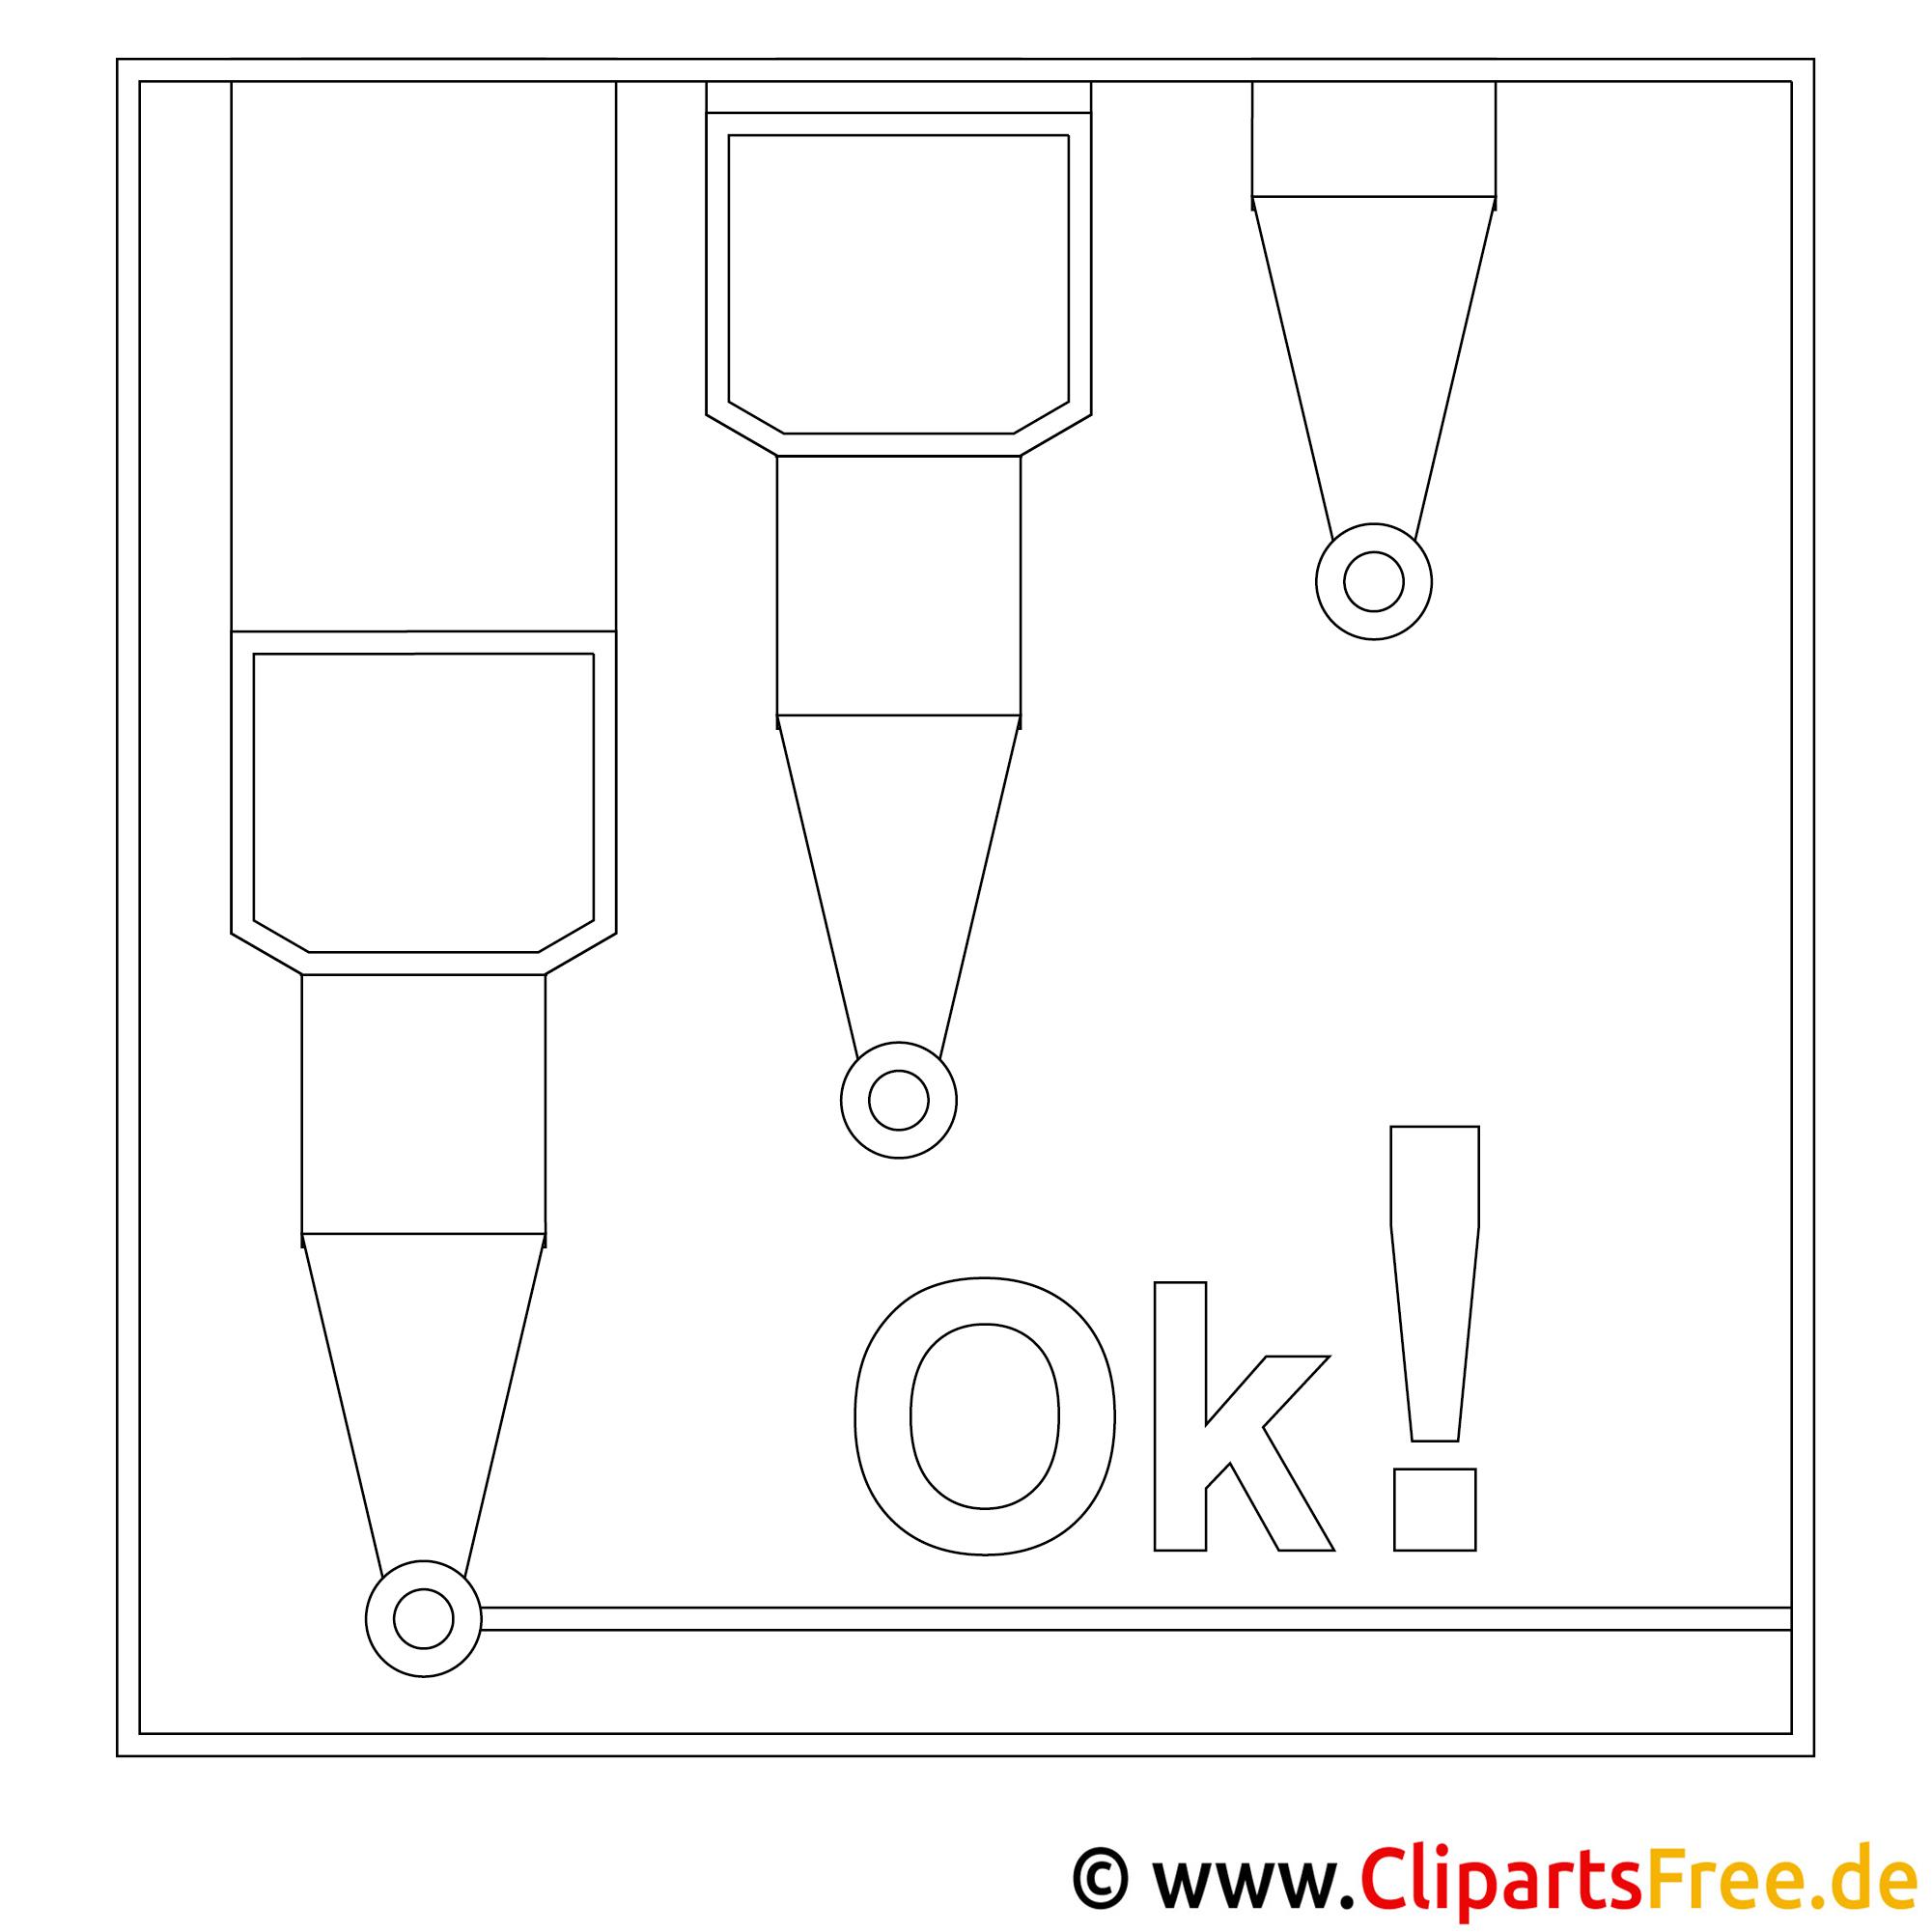 stifte bild zum ausmalen malvorlage ausmalbild. Black Bedroom Furniture Sets. Home Design Ideas